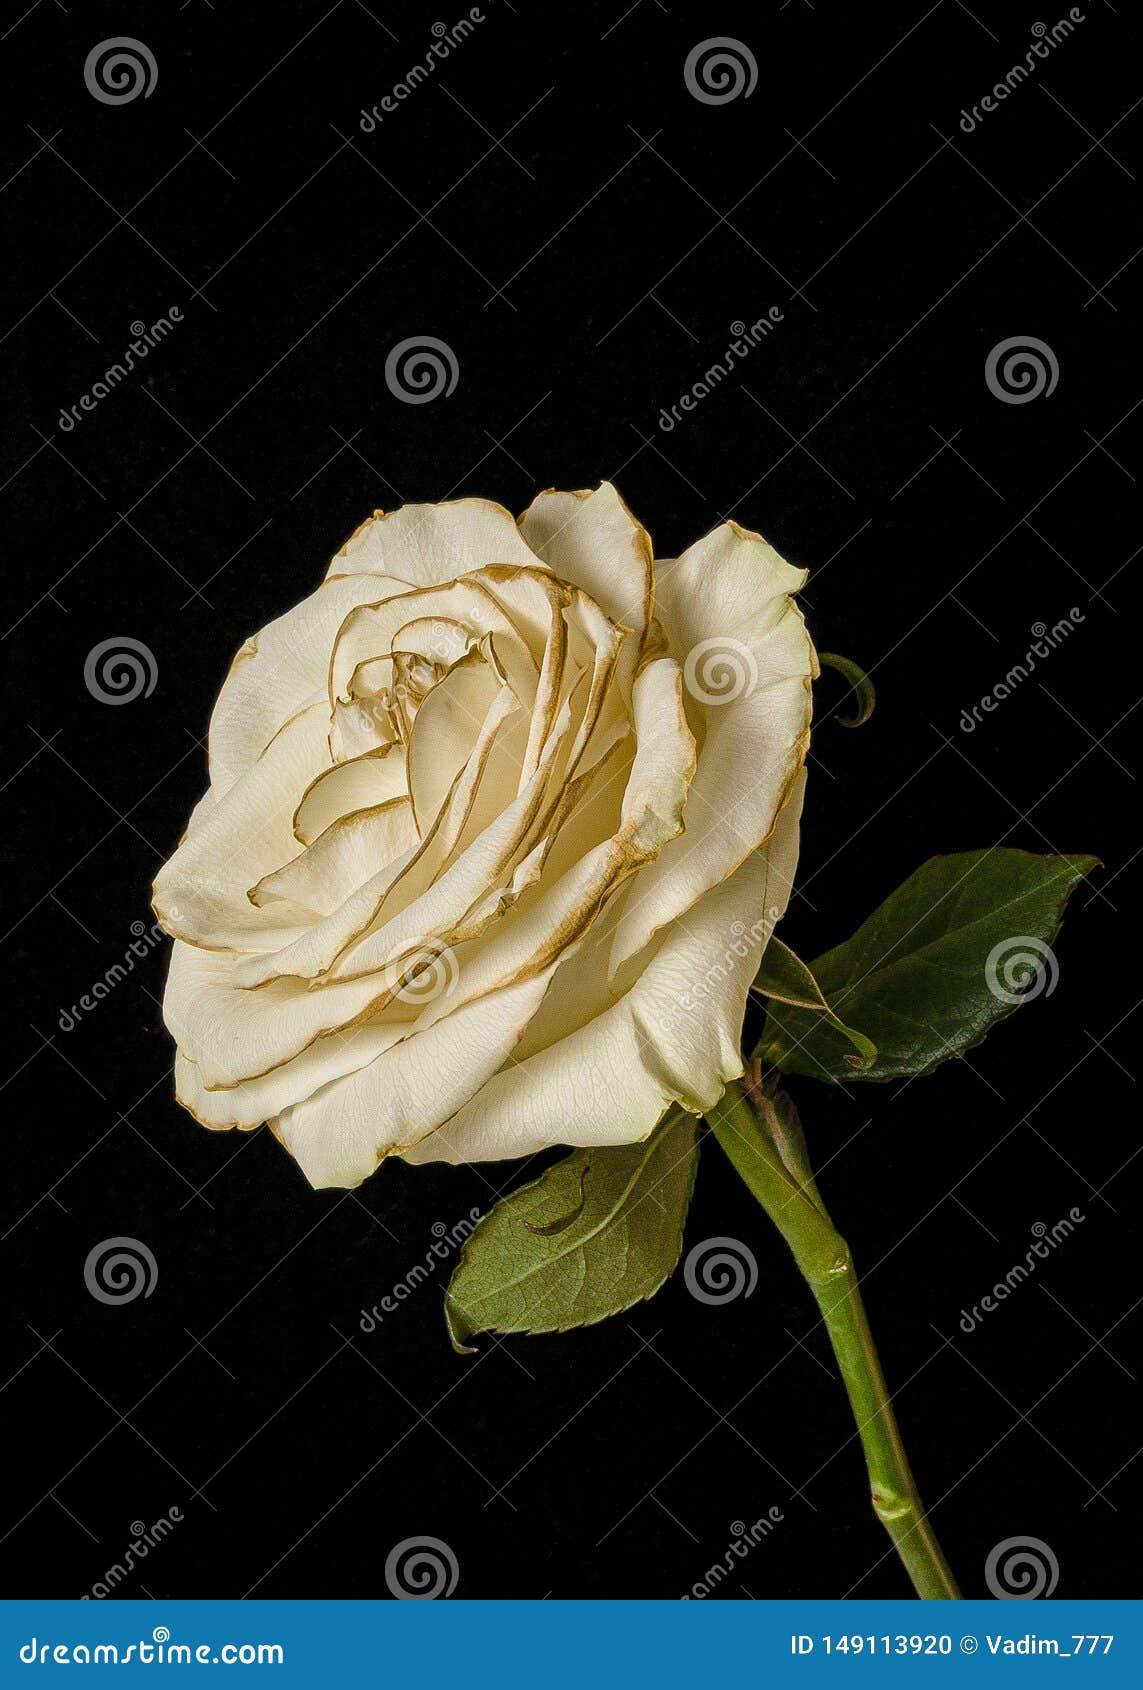 Rosa blanca del descoloramiento aislada en fondo negro